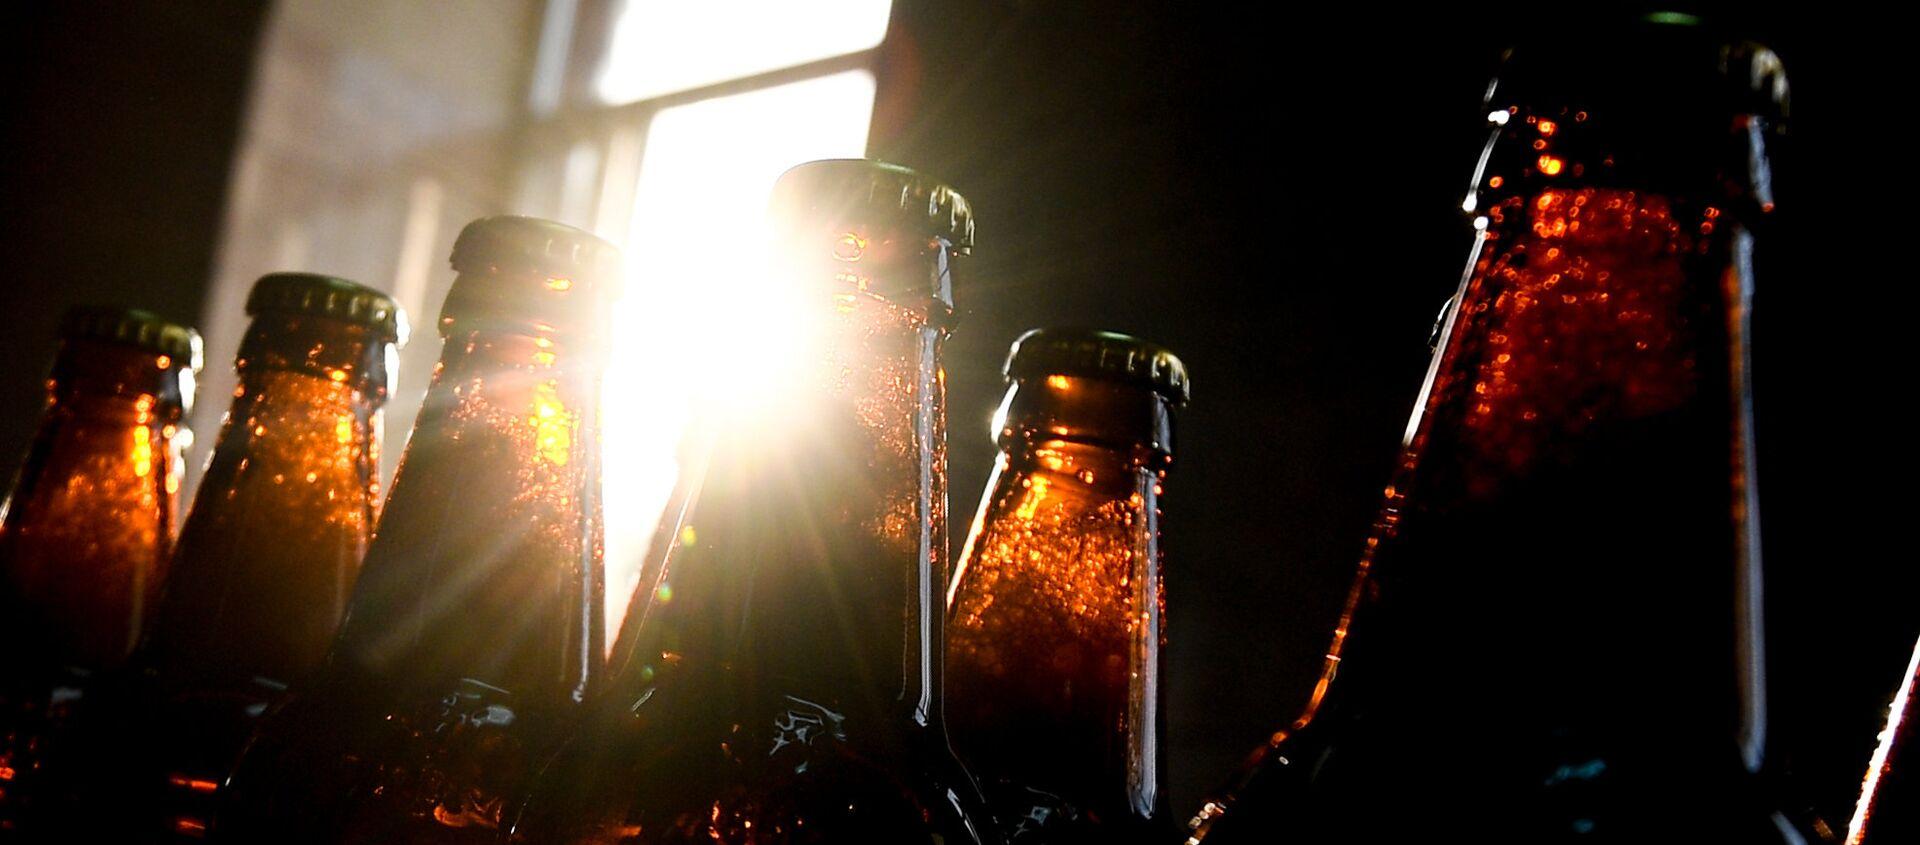 Бутылки с алкогольными напитками, фото из архива - Sputnik Азербайджан, 1920, 07.01.2020